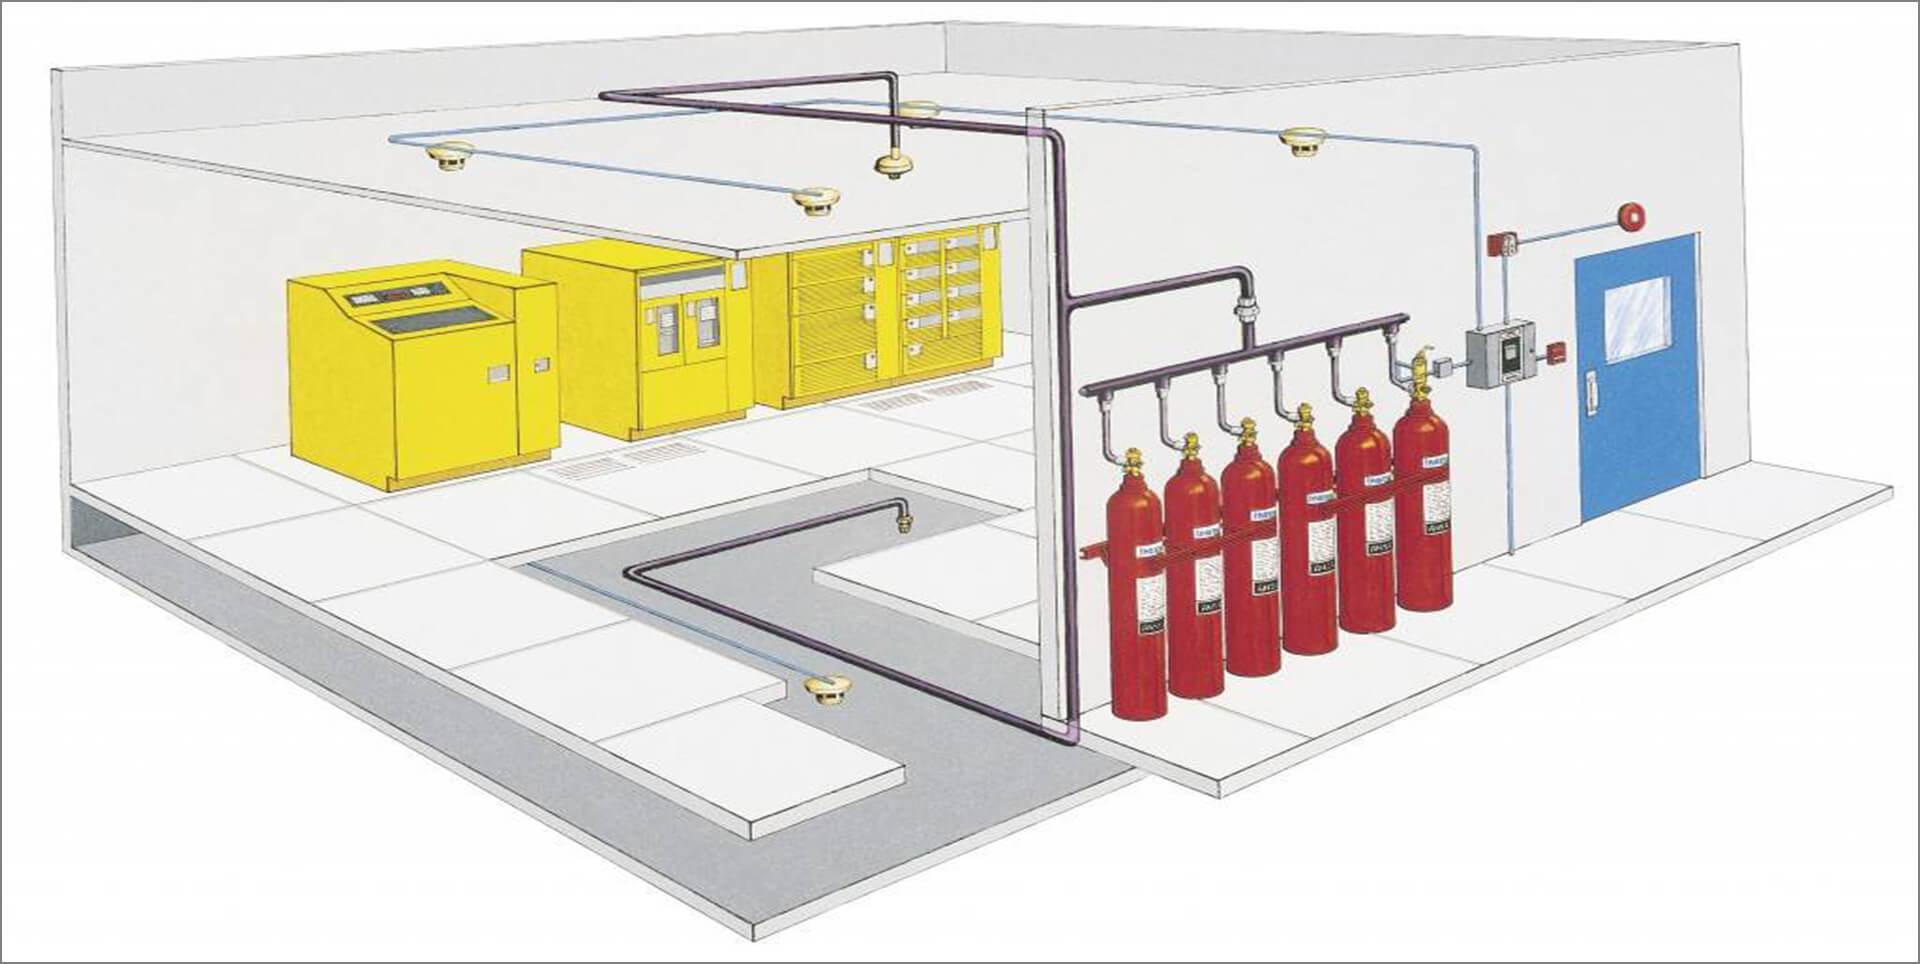 В проекте описываются особенности размещение резервуаров с тушащими составами, расчетные показатели срабатывания системы.